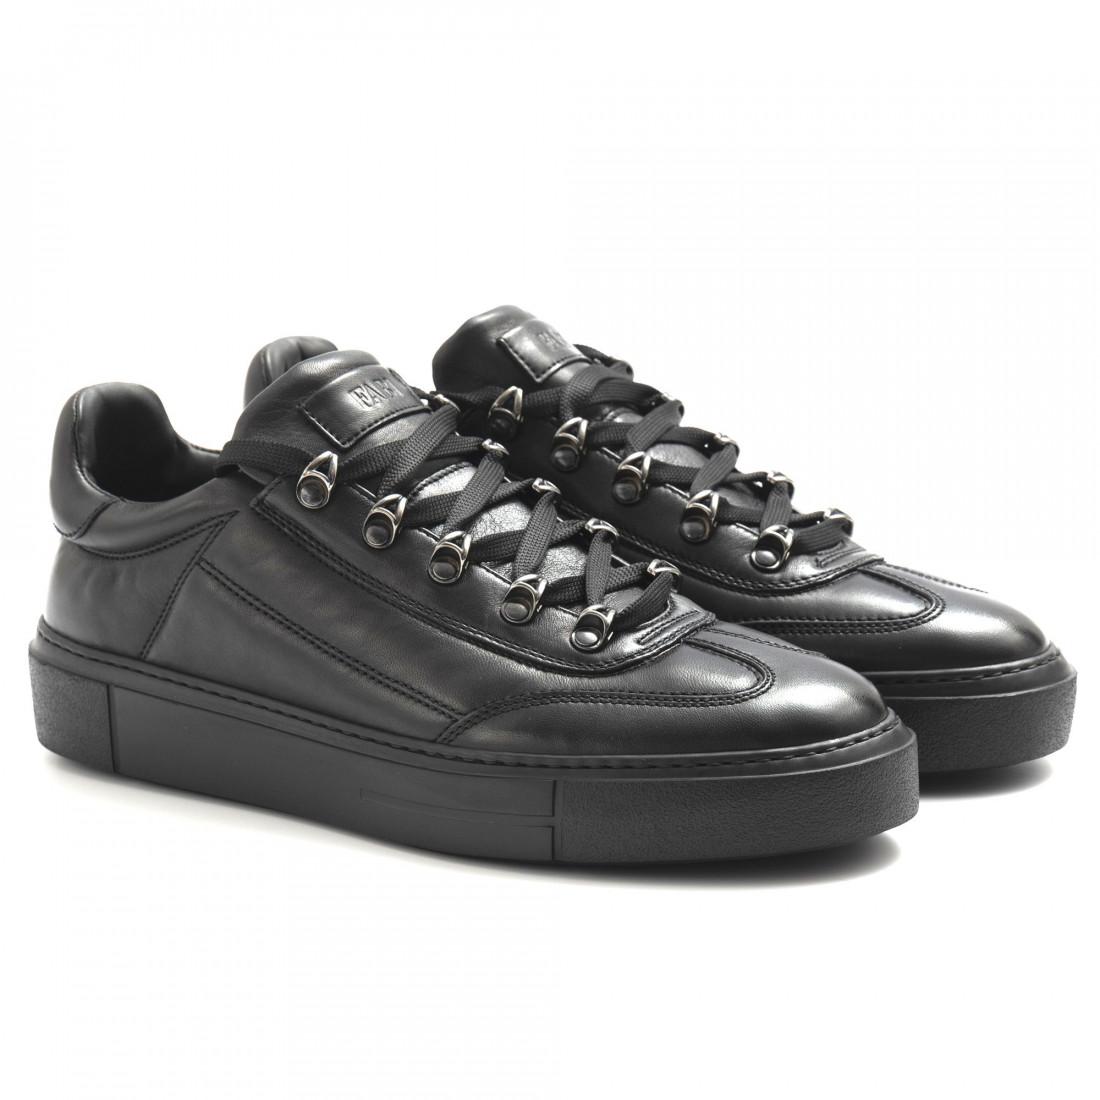 sneakers uomo fabi fu9580a00kannba900 4985